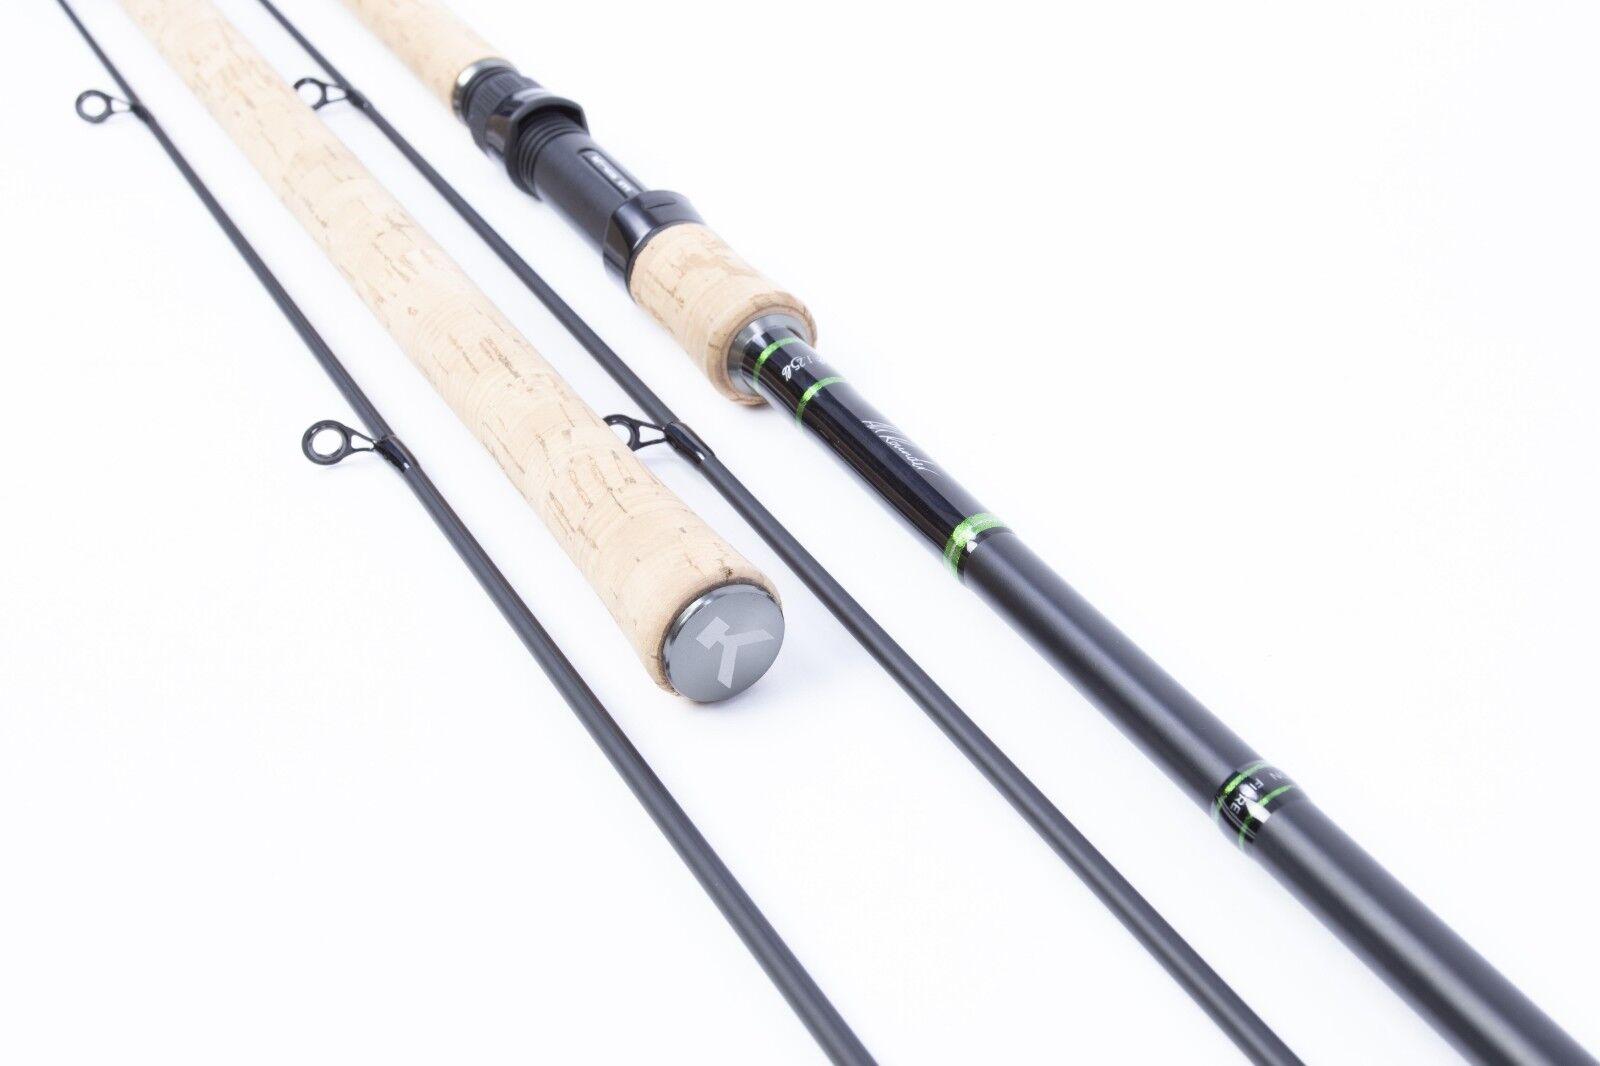 Korum Allrounder Allrounder Allrounder Rod * Gamma Completa * Nuovo Specialista grossa, Canna da Pesca de4ace